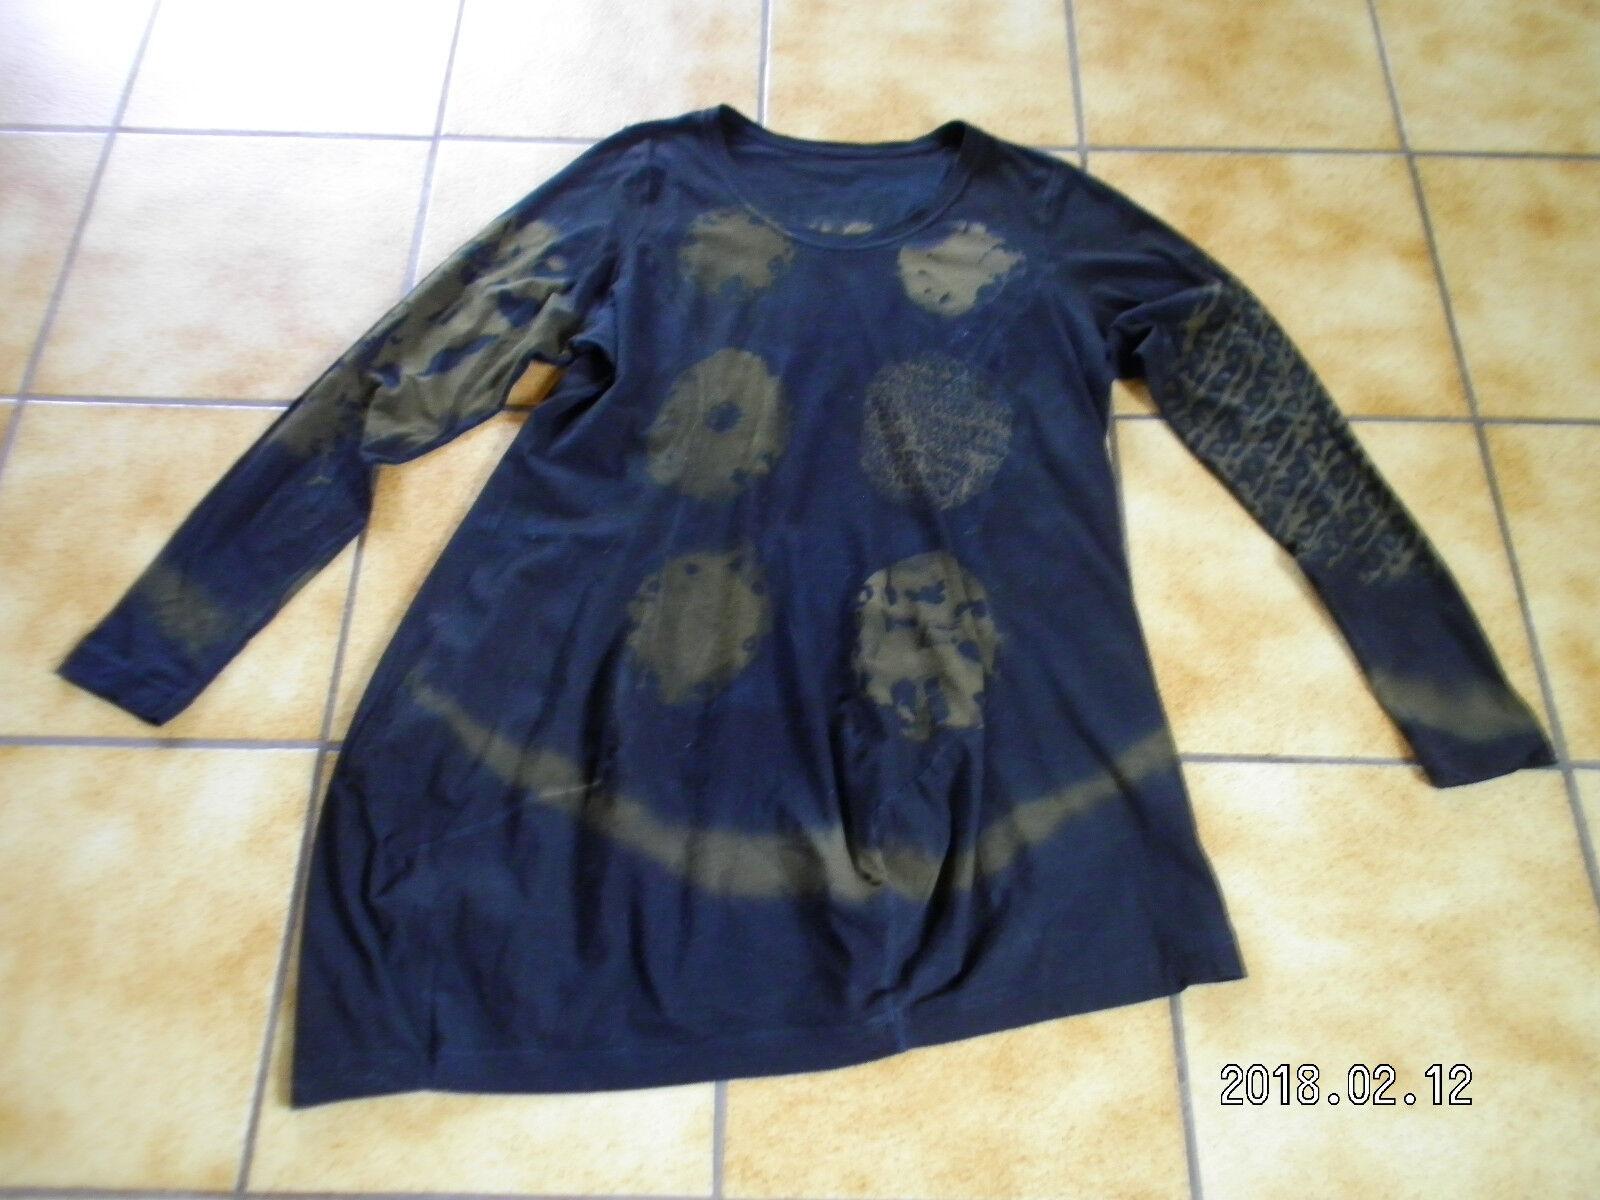 Rundholz schwarz Label,Tunika  Shirt,Gr.XL,handbemalt,Lagenlook,gut.gepfl.Zustand